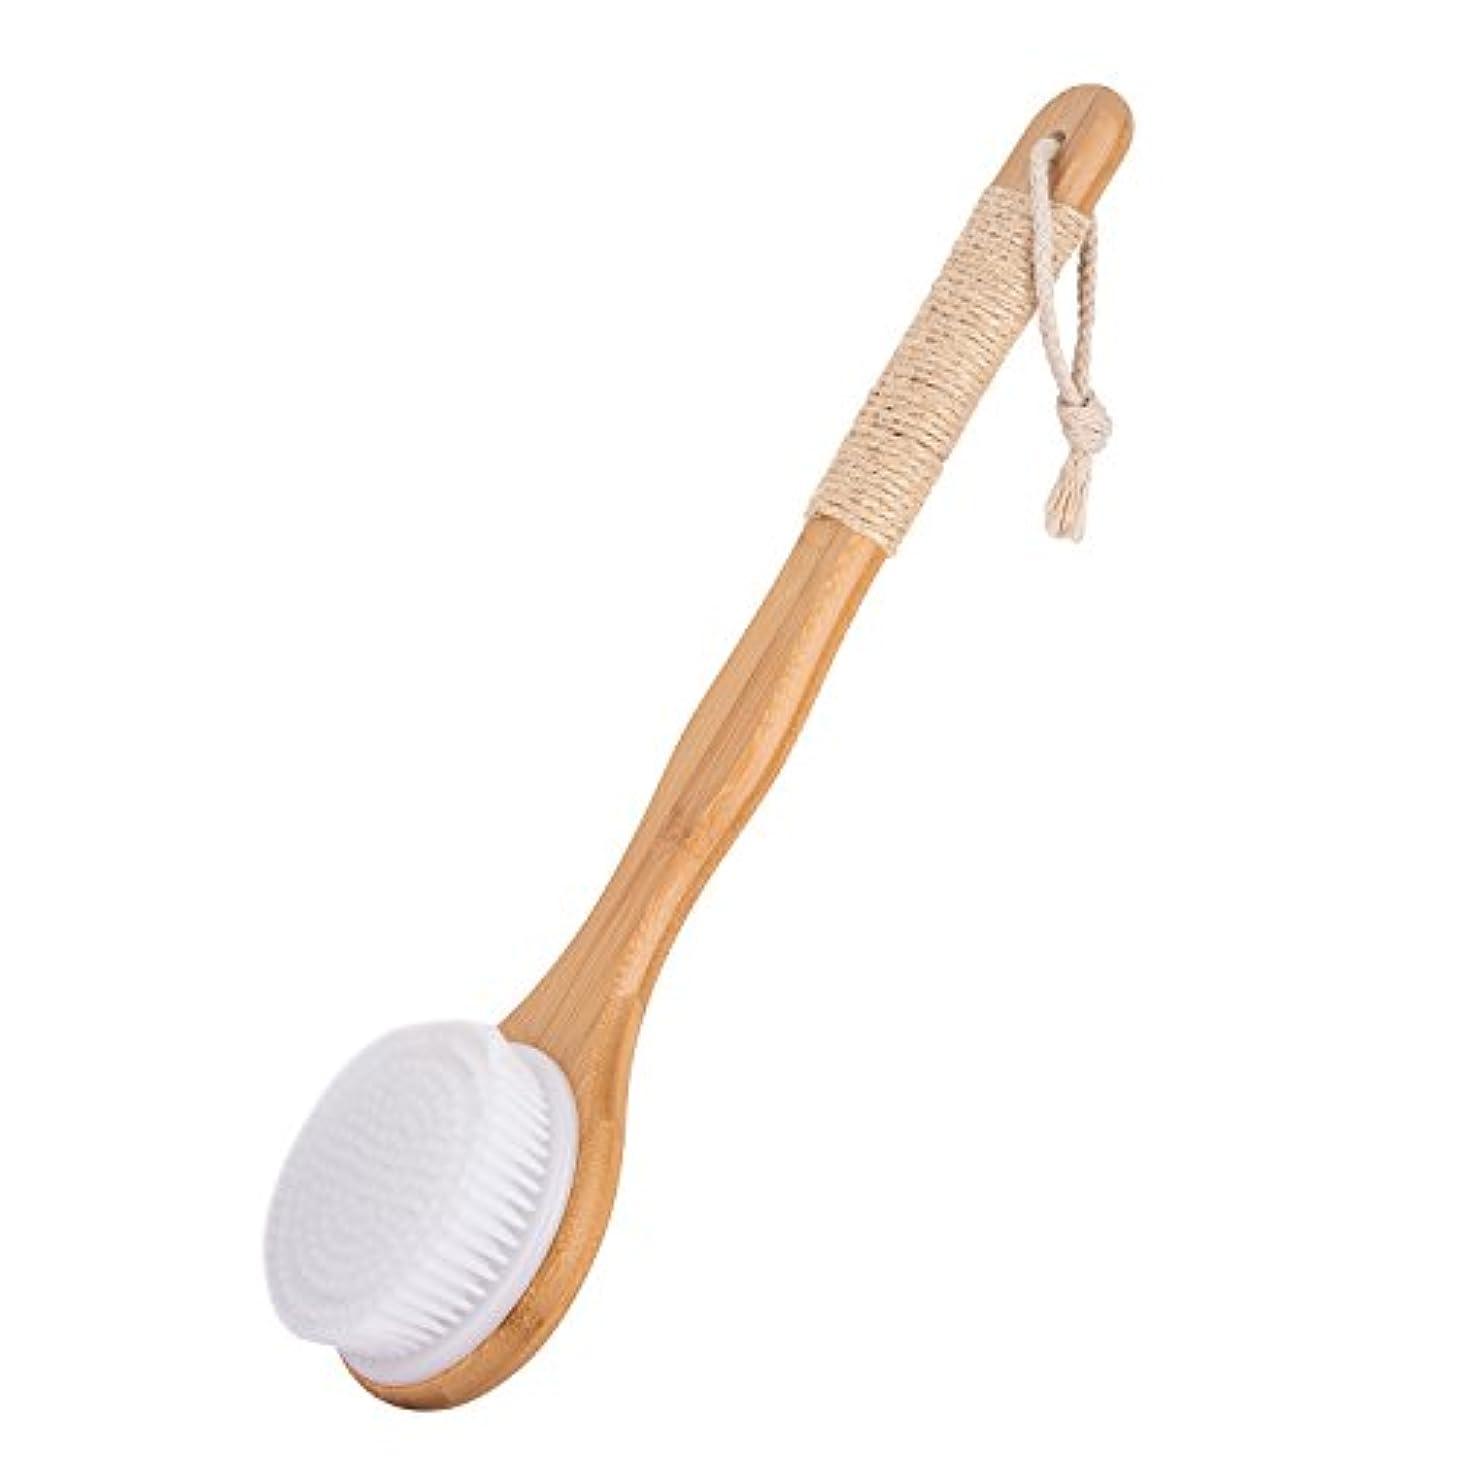 あからさま可塑性私Nenka ボディブラシ 体洗いブラシ 繊維毛 ロング お風呂用 竹製長柄 天然素材 やわらか ソフトタイプ 滑り止め紐 角質除去 (白い毛)